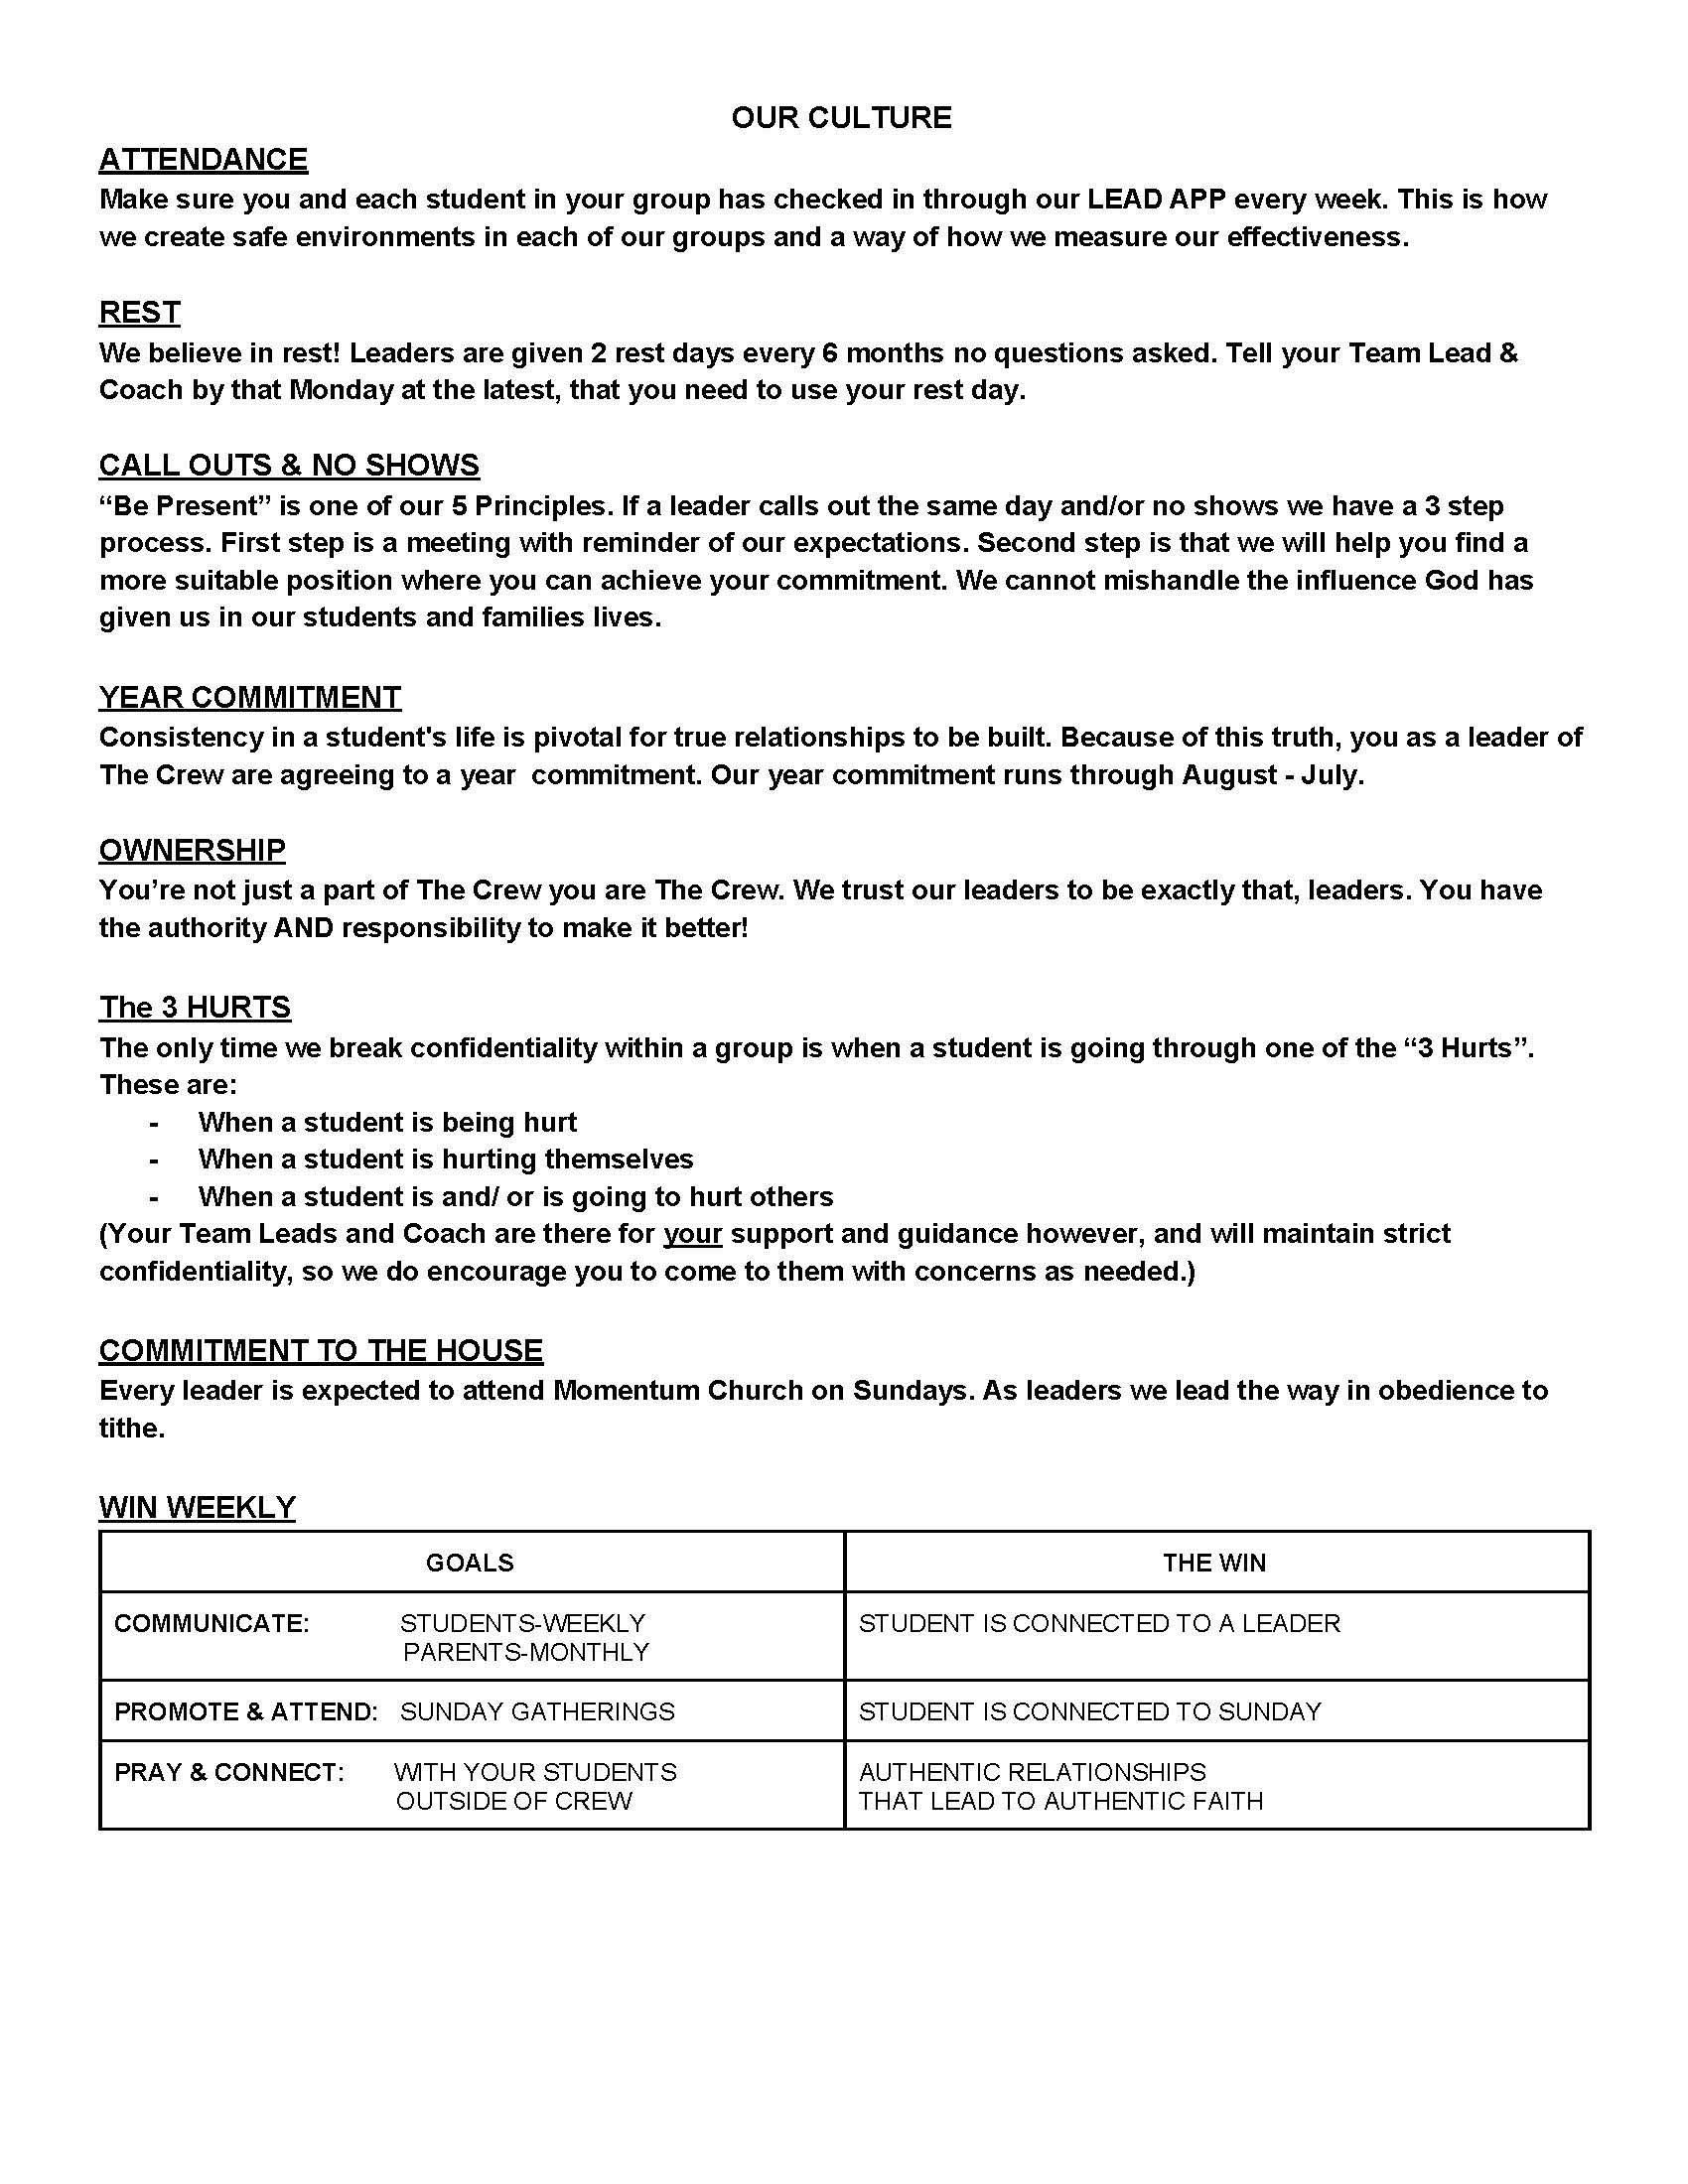 Leader Job Description & Expectation Page 2